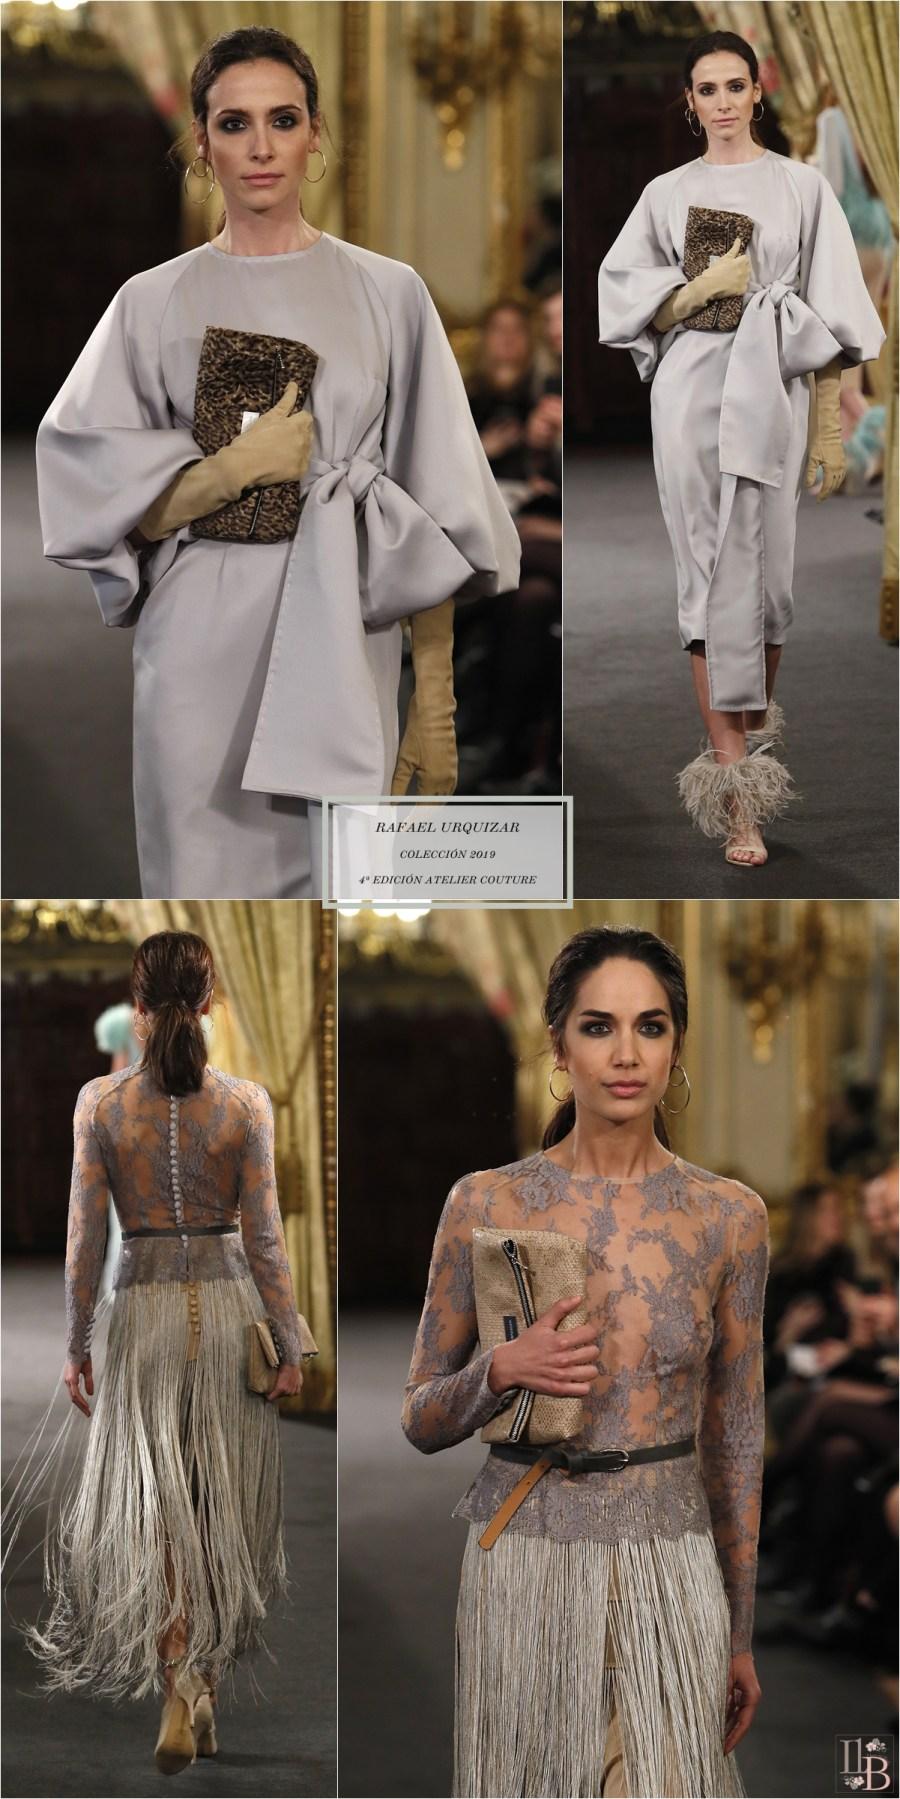 """Desfile Atelier Couture 2018- Rafael Urquizar: Colección """"LAS NIÑAS DE PALACIO"""""""